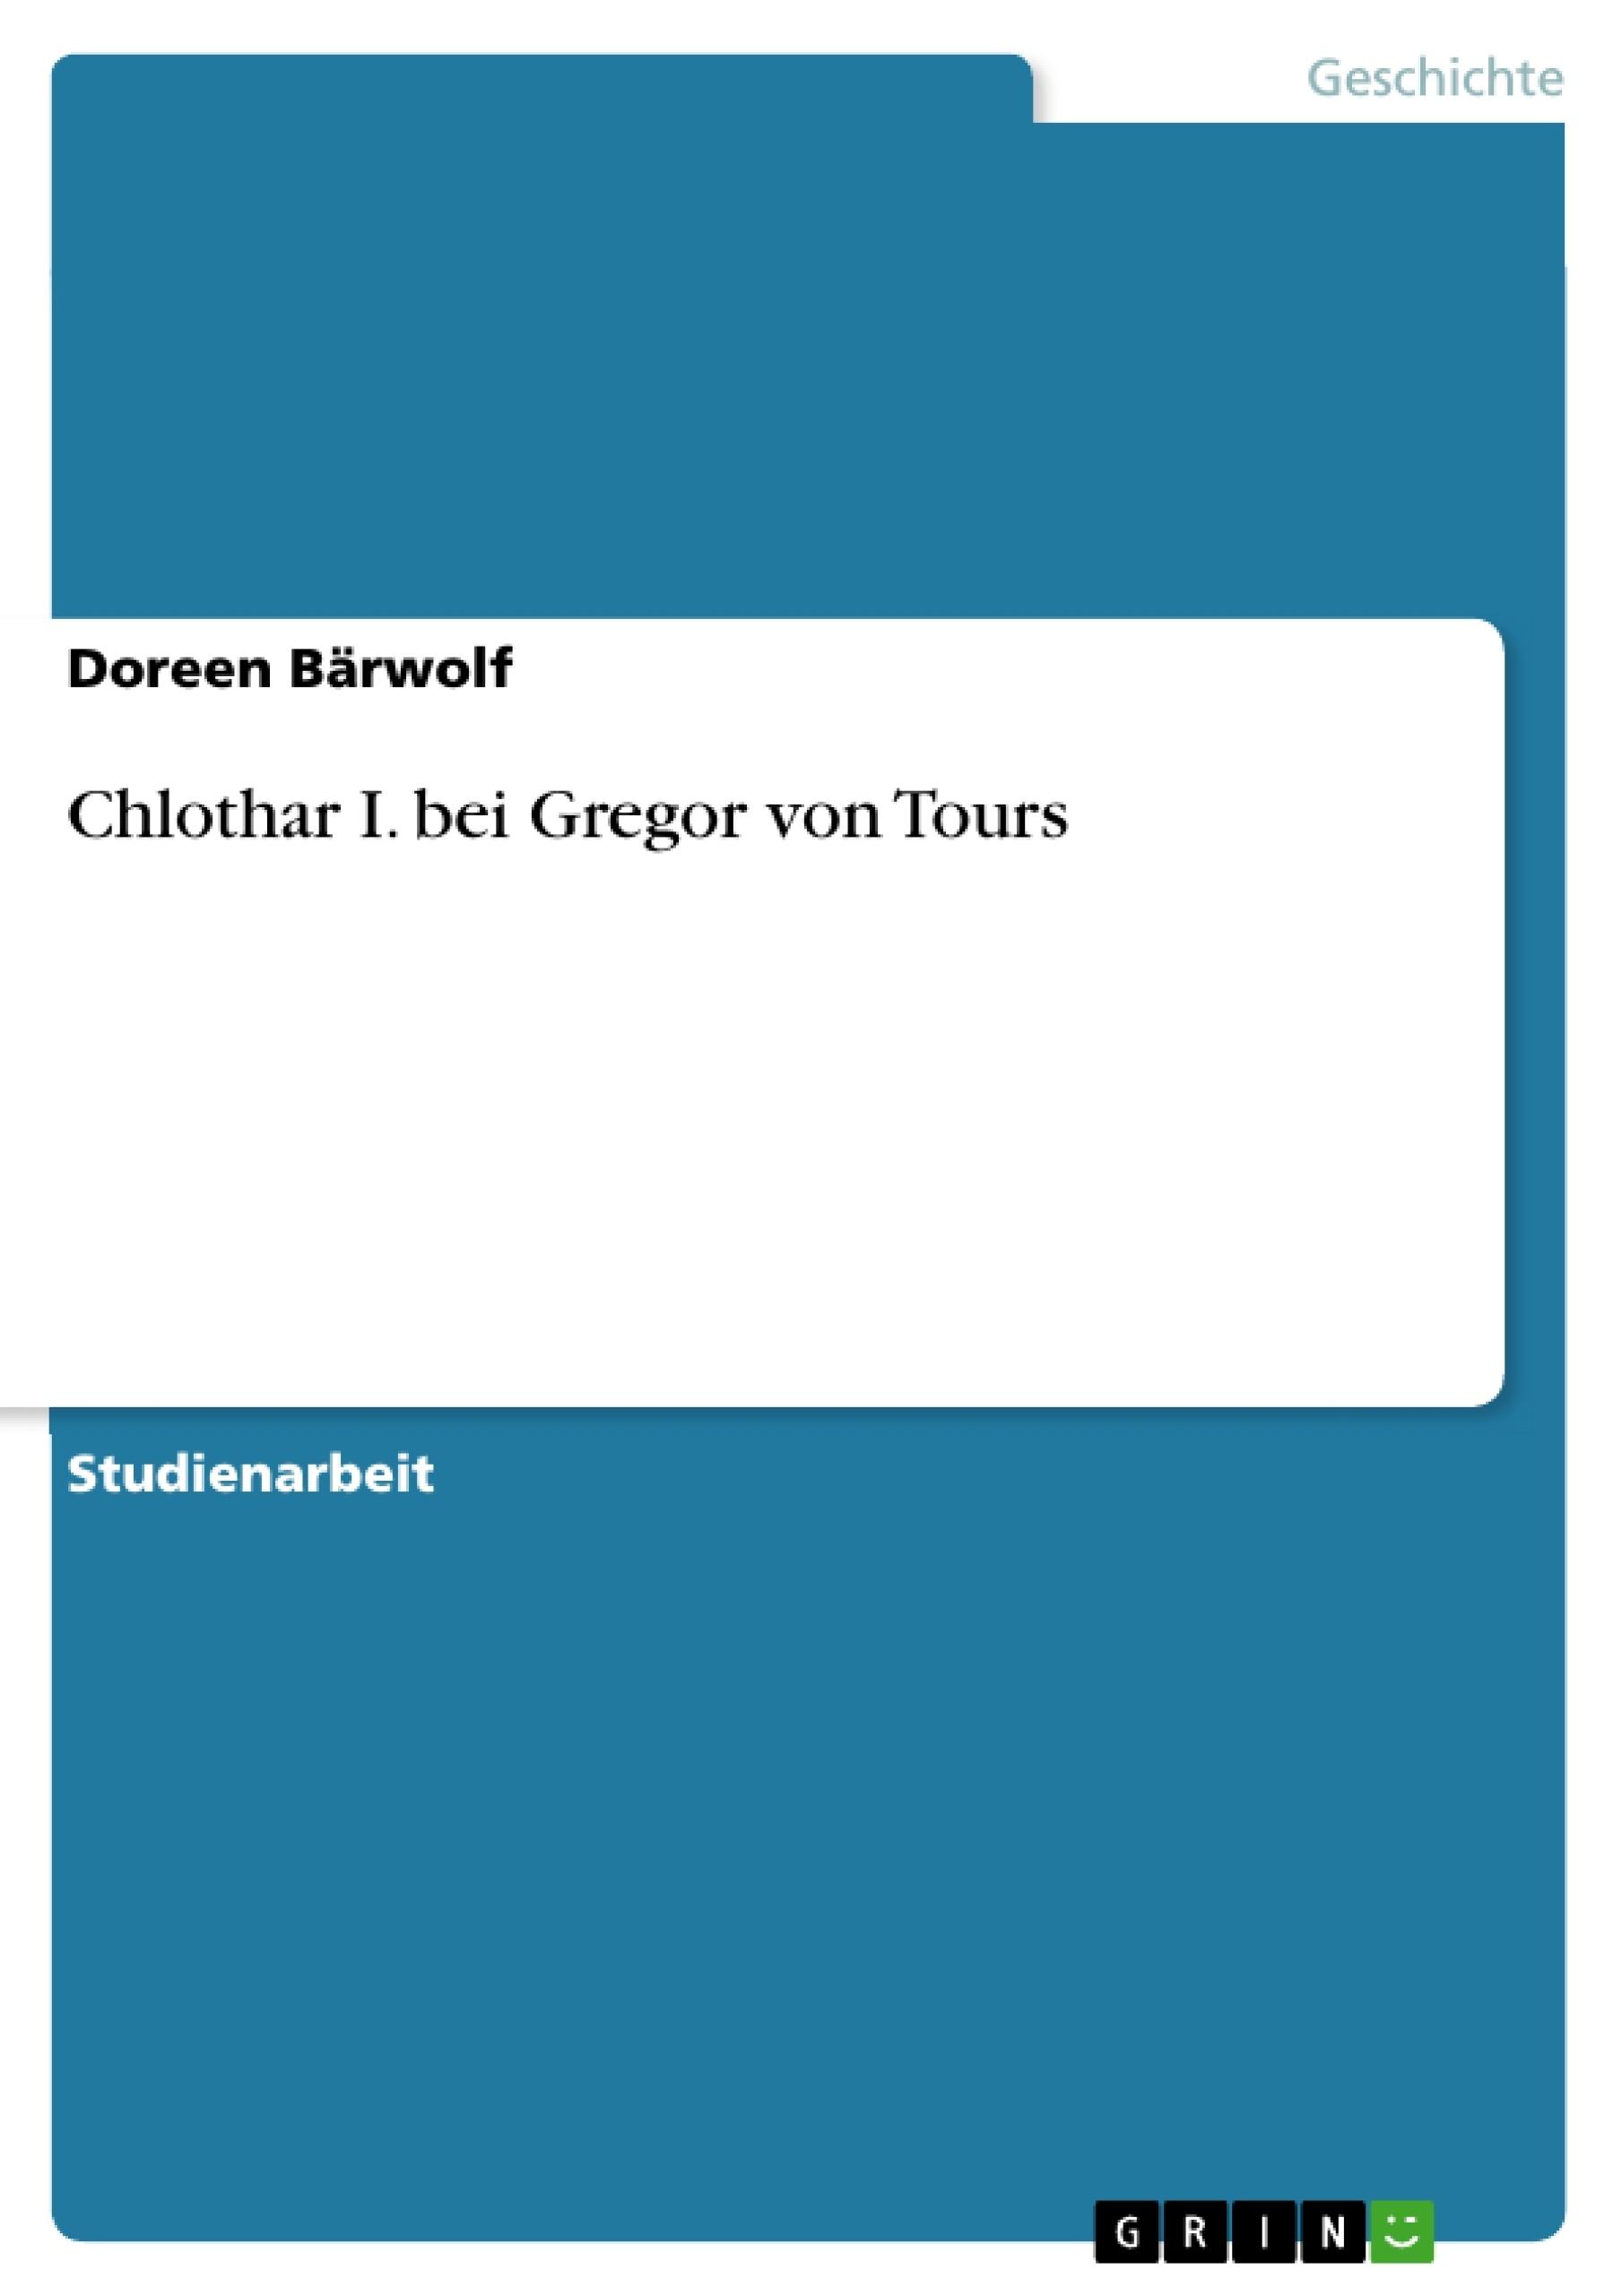 Titel: Chlothar I.  bei Gregor von Tours